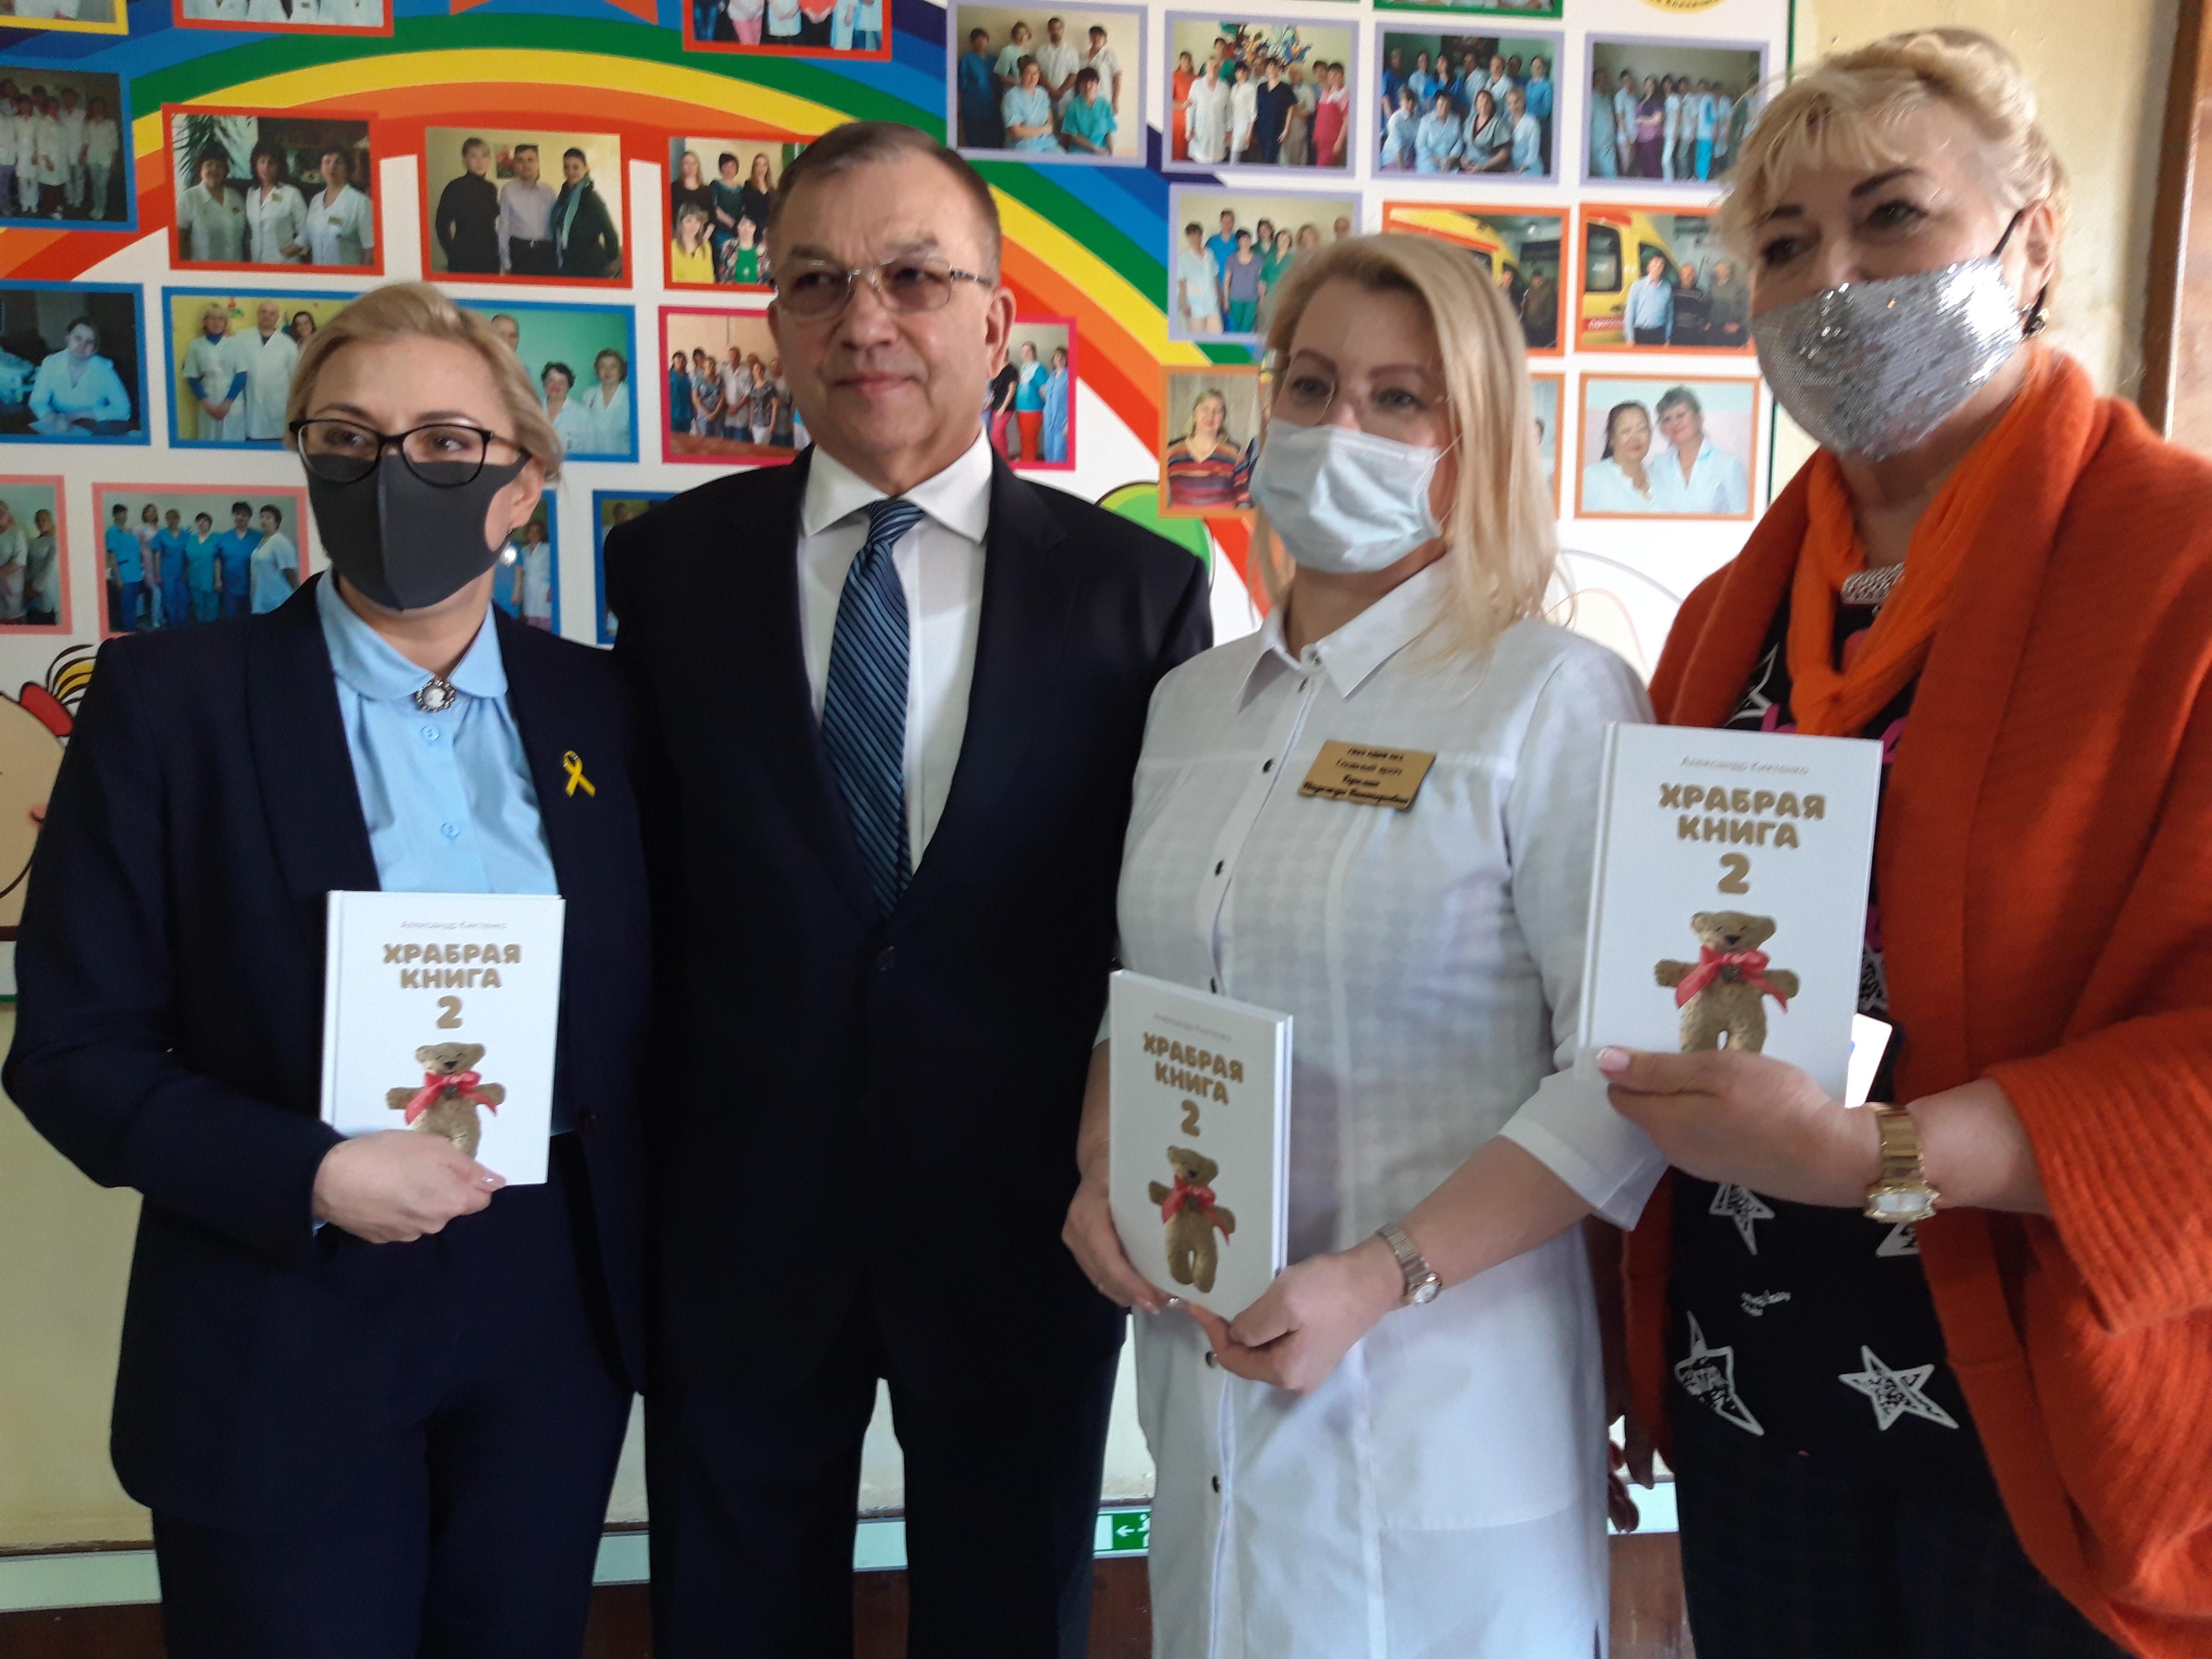 Новый тираж «Храброй книги» передали пациентам детской онкогематологии во Владивостоке